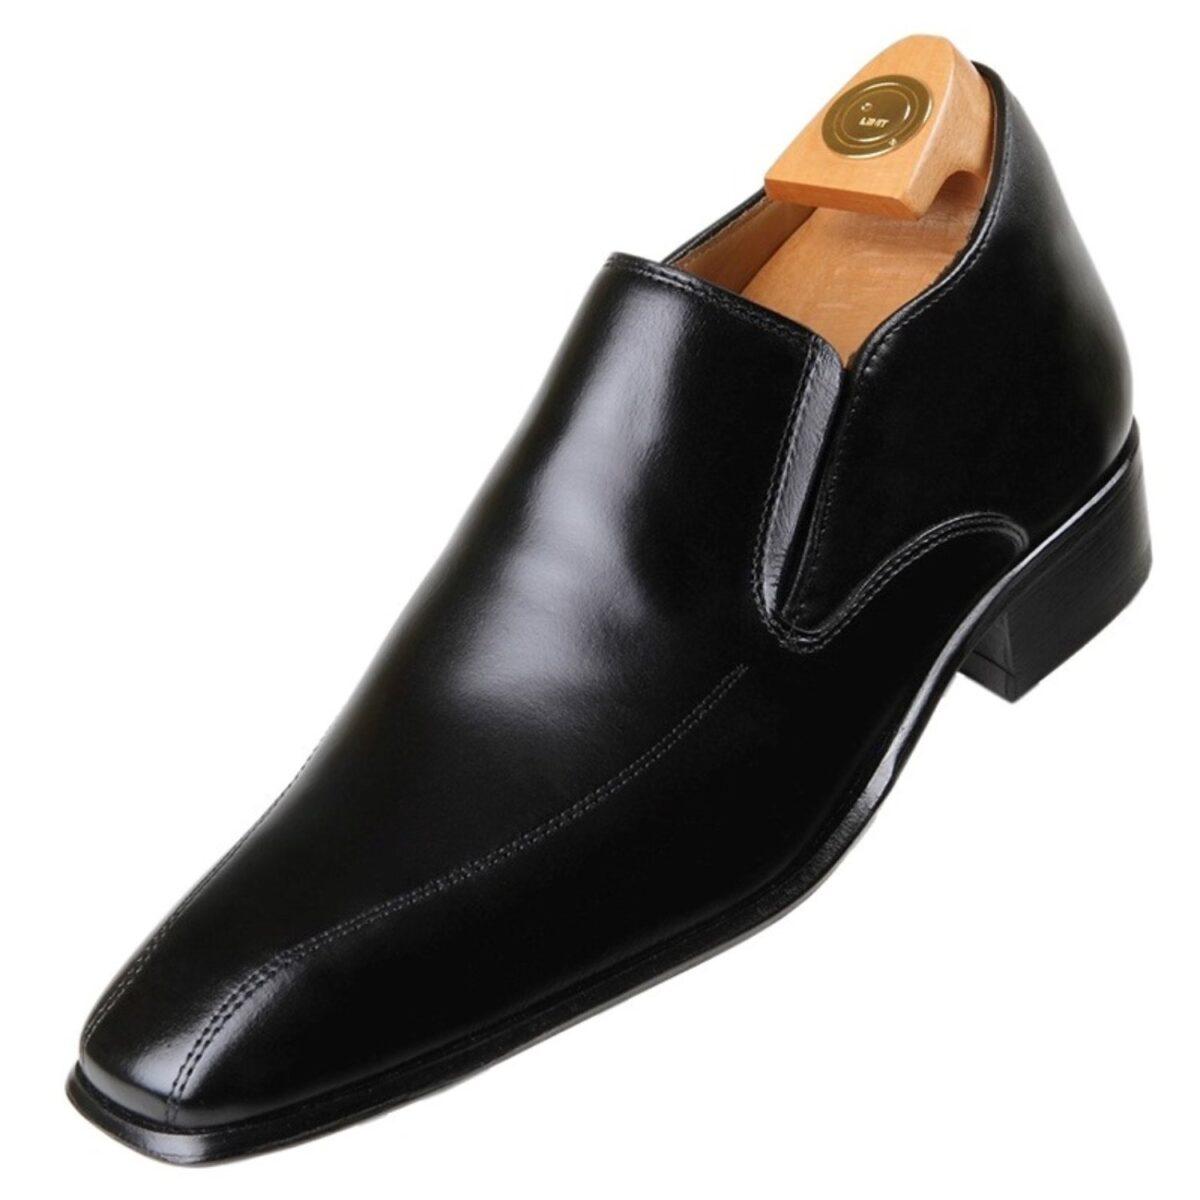 Zapatos con Alzas modelo 8401 Nc - HiPlus